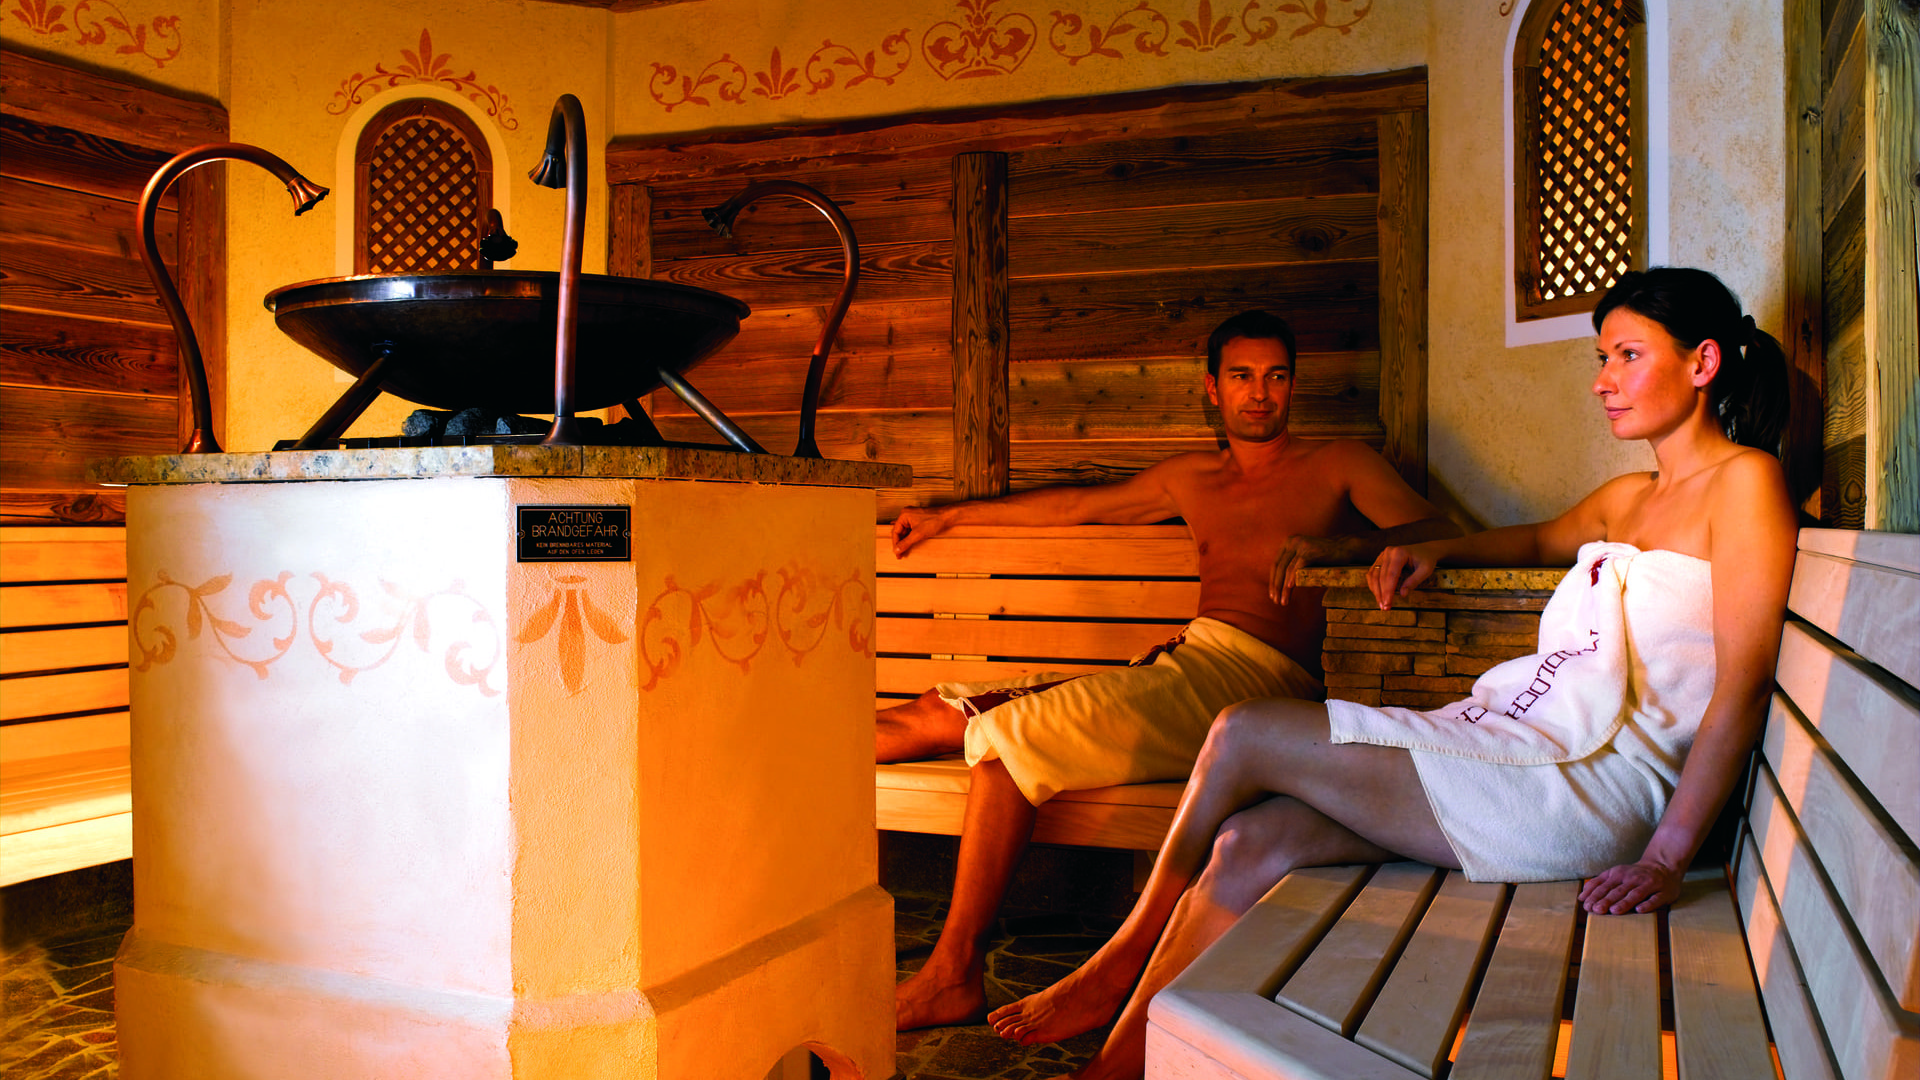 Ein Paar in der Sauna des hotel madlochBlick.